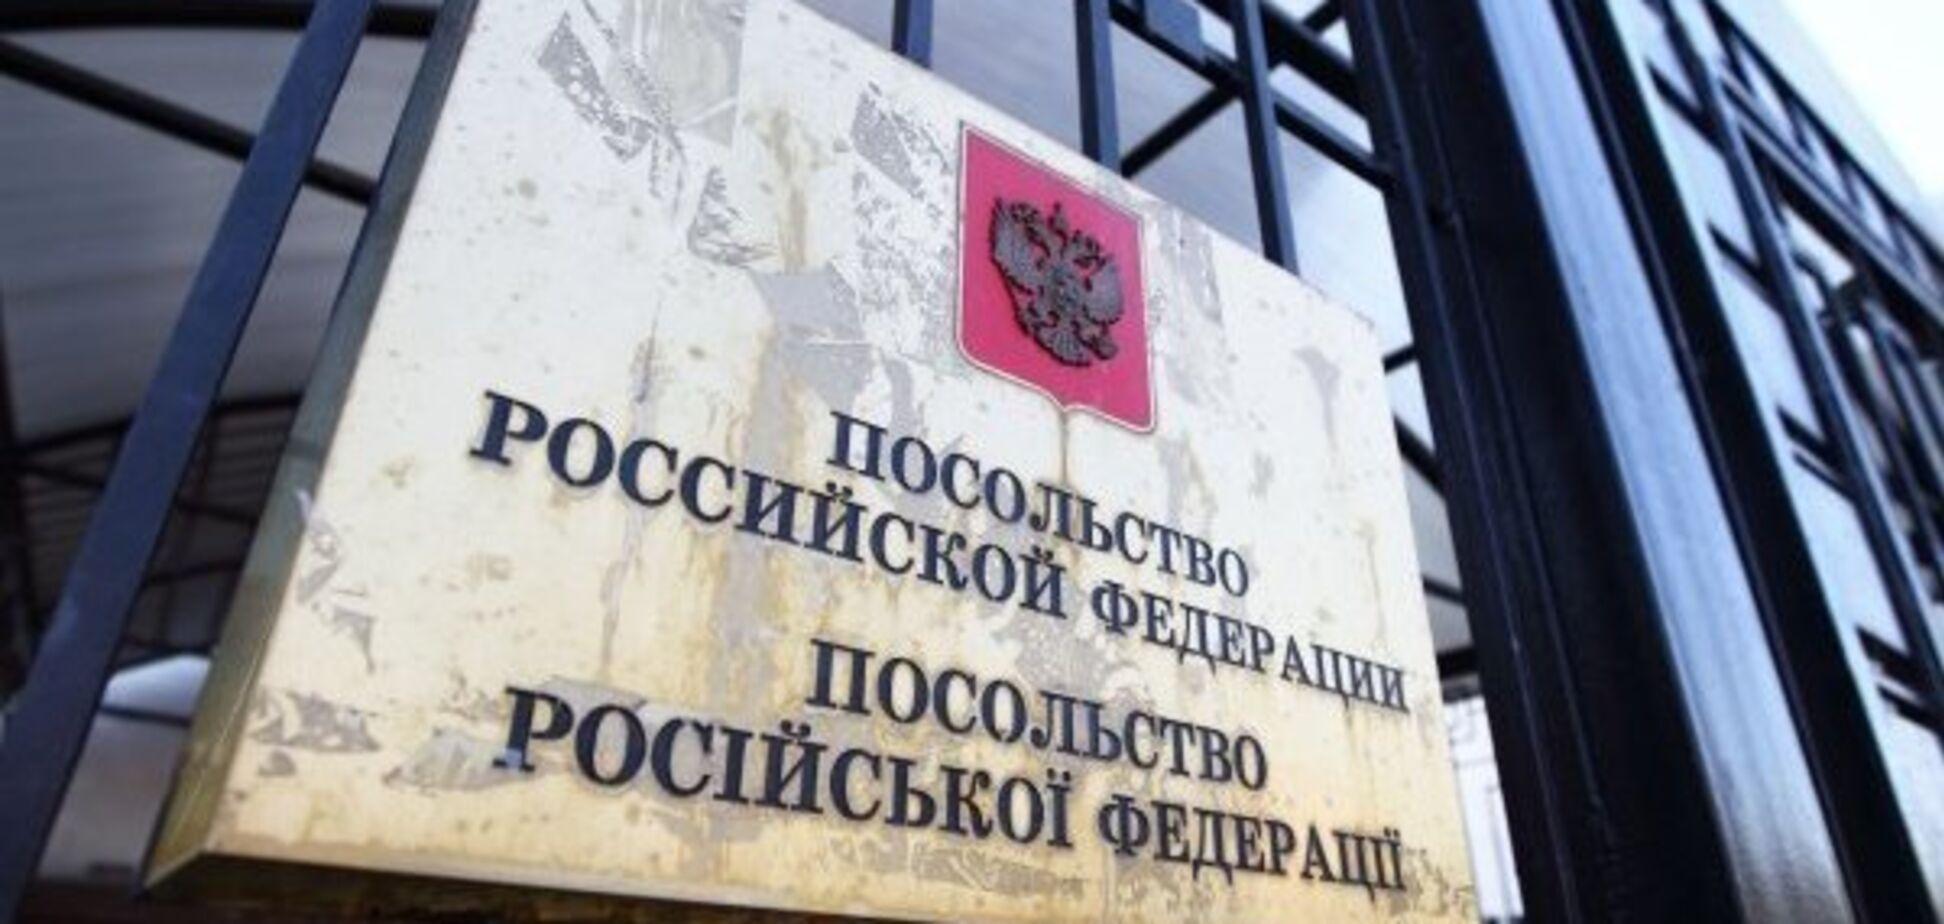 Кресты и чучело Путина: стали известны цели акции под посольством России в Киеве